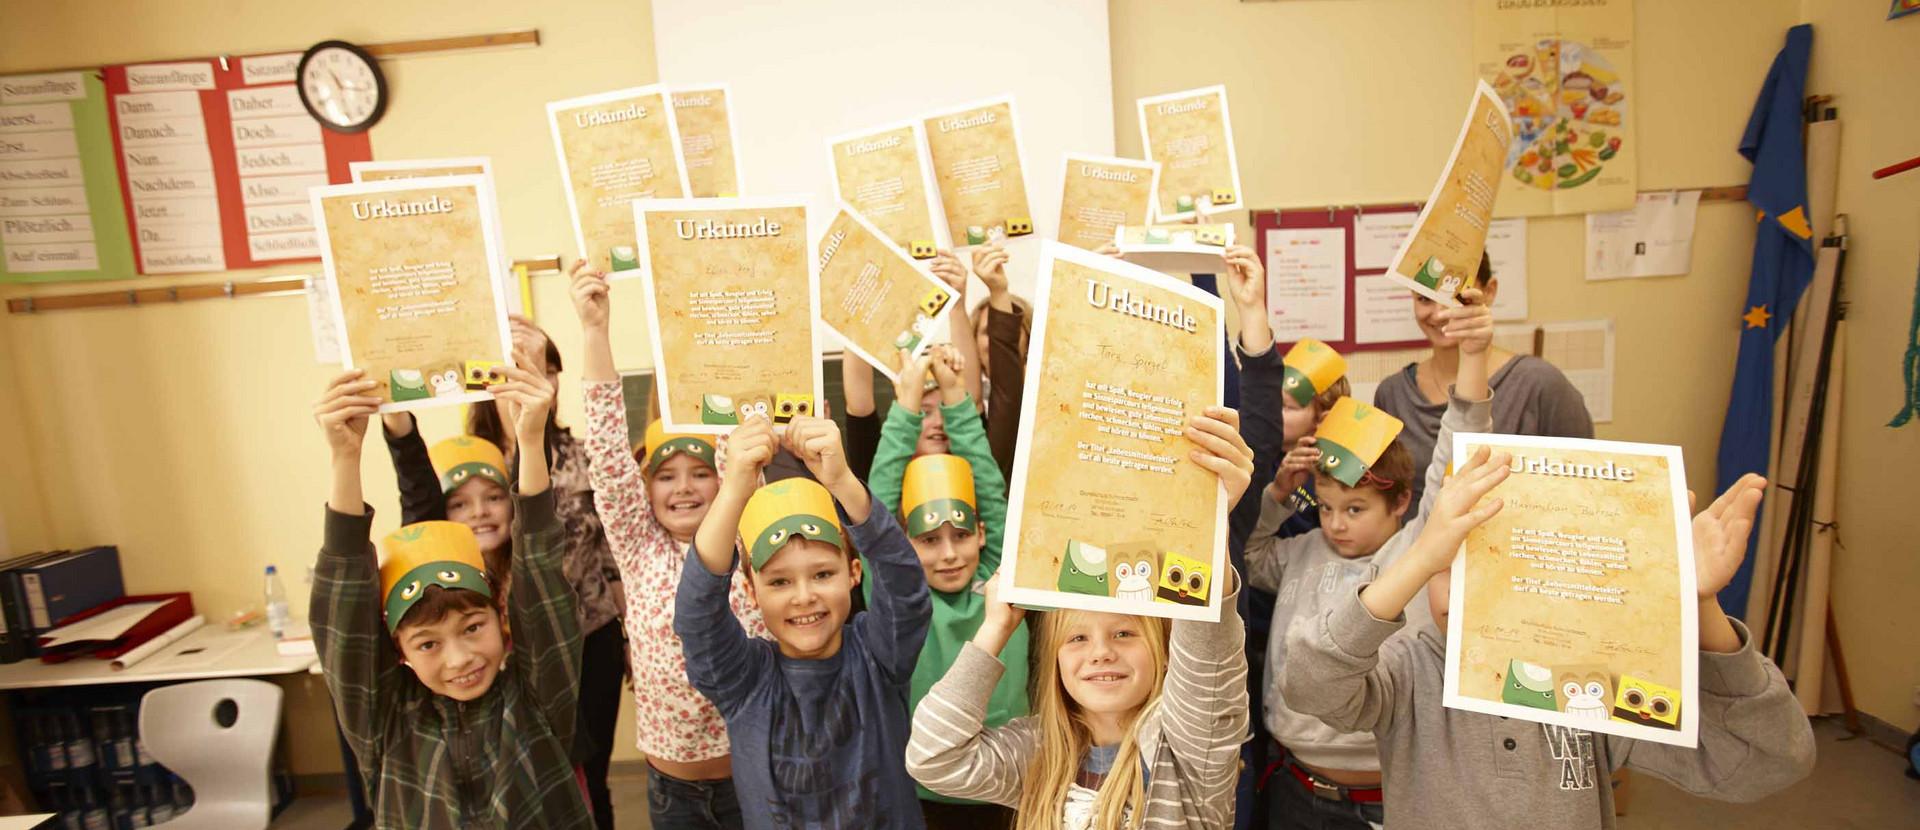 Gruppe Kinder halten Urkunden in die Höhe